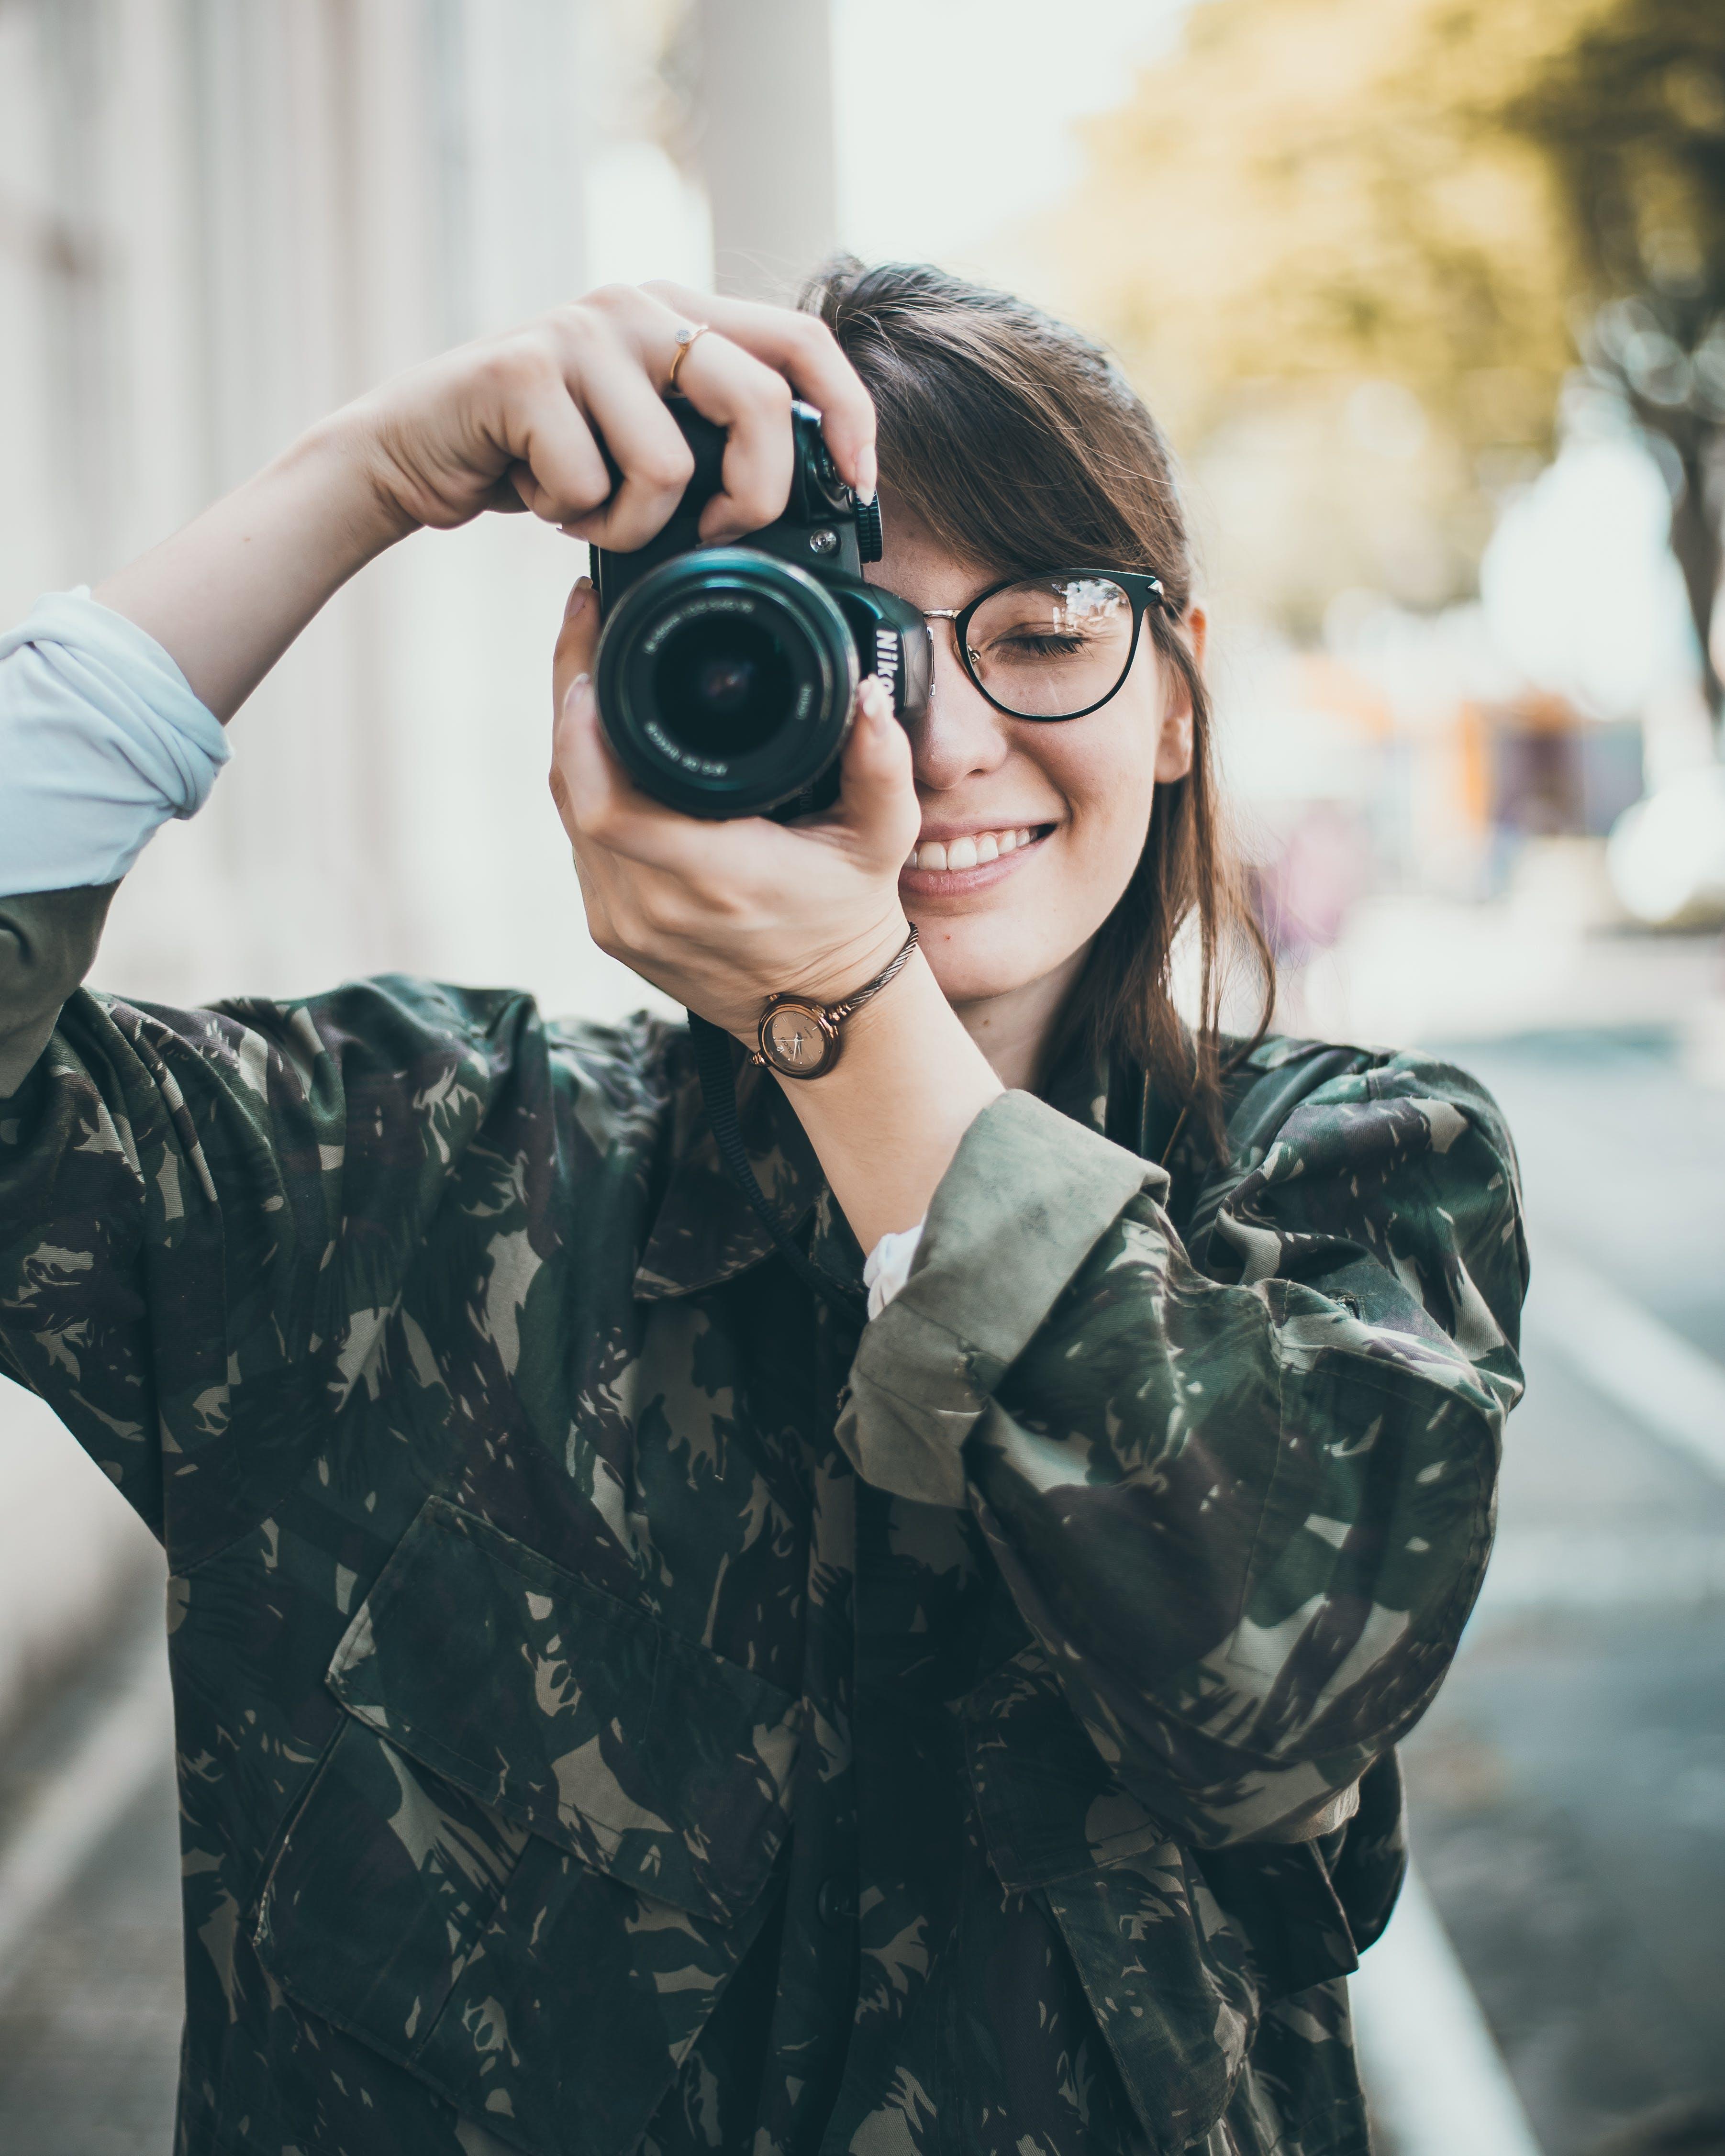 คลังภาพถ่ายฟรี ของ กล้อง, การถ่ายภาพ, คน, น่ารัก